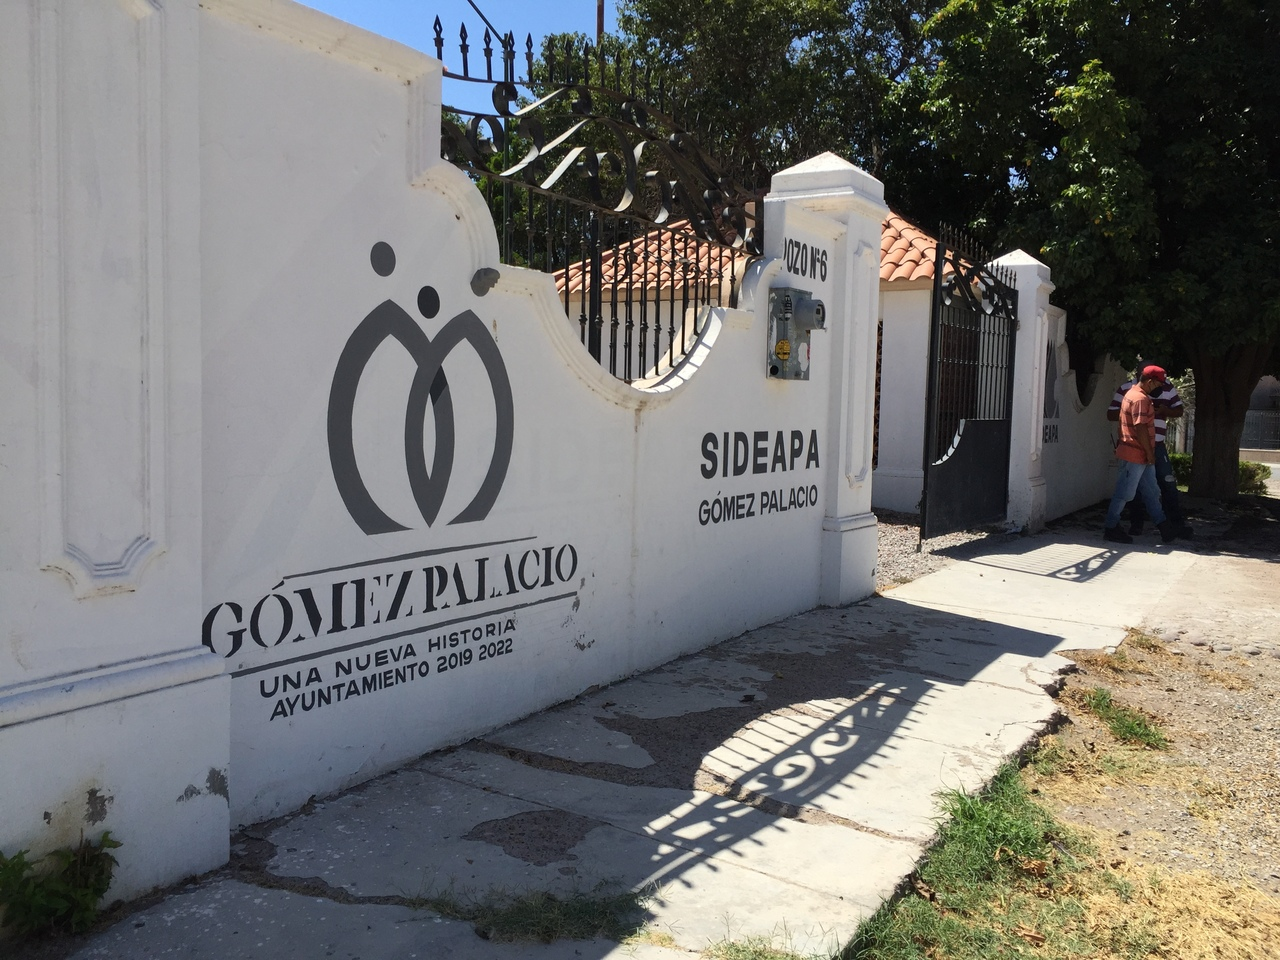 Acusan opacidad en Sideapa de Gómez Palacio